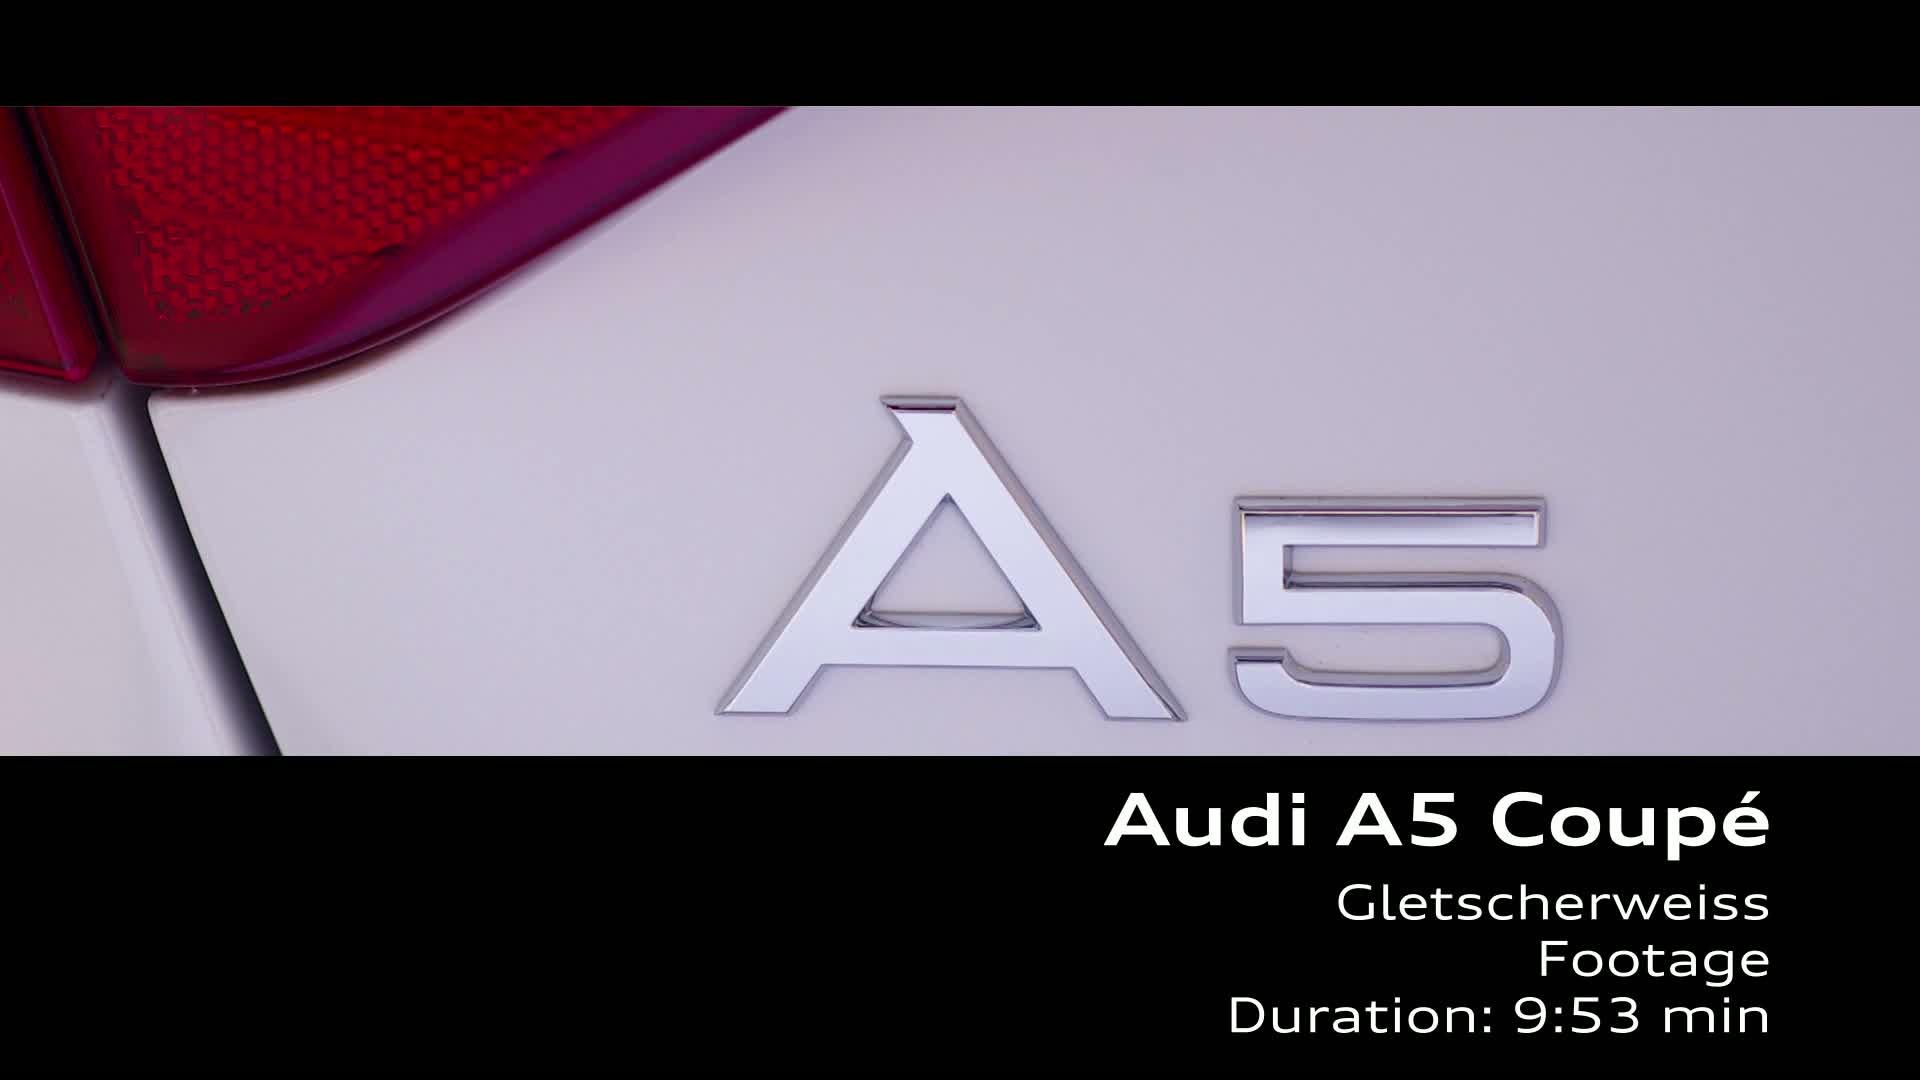 Das Audi A5 Coupé